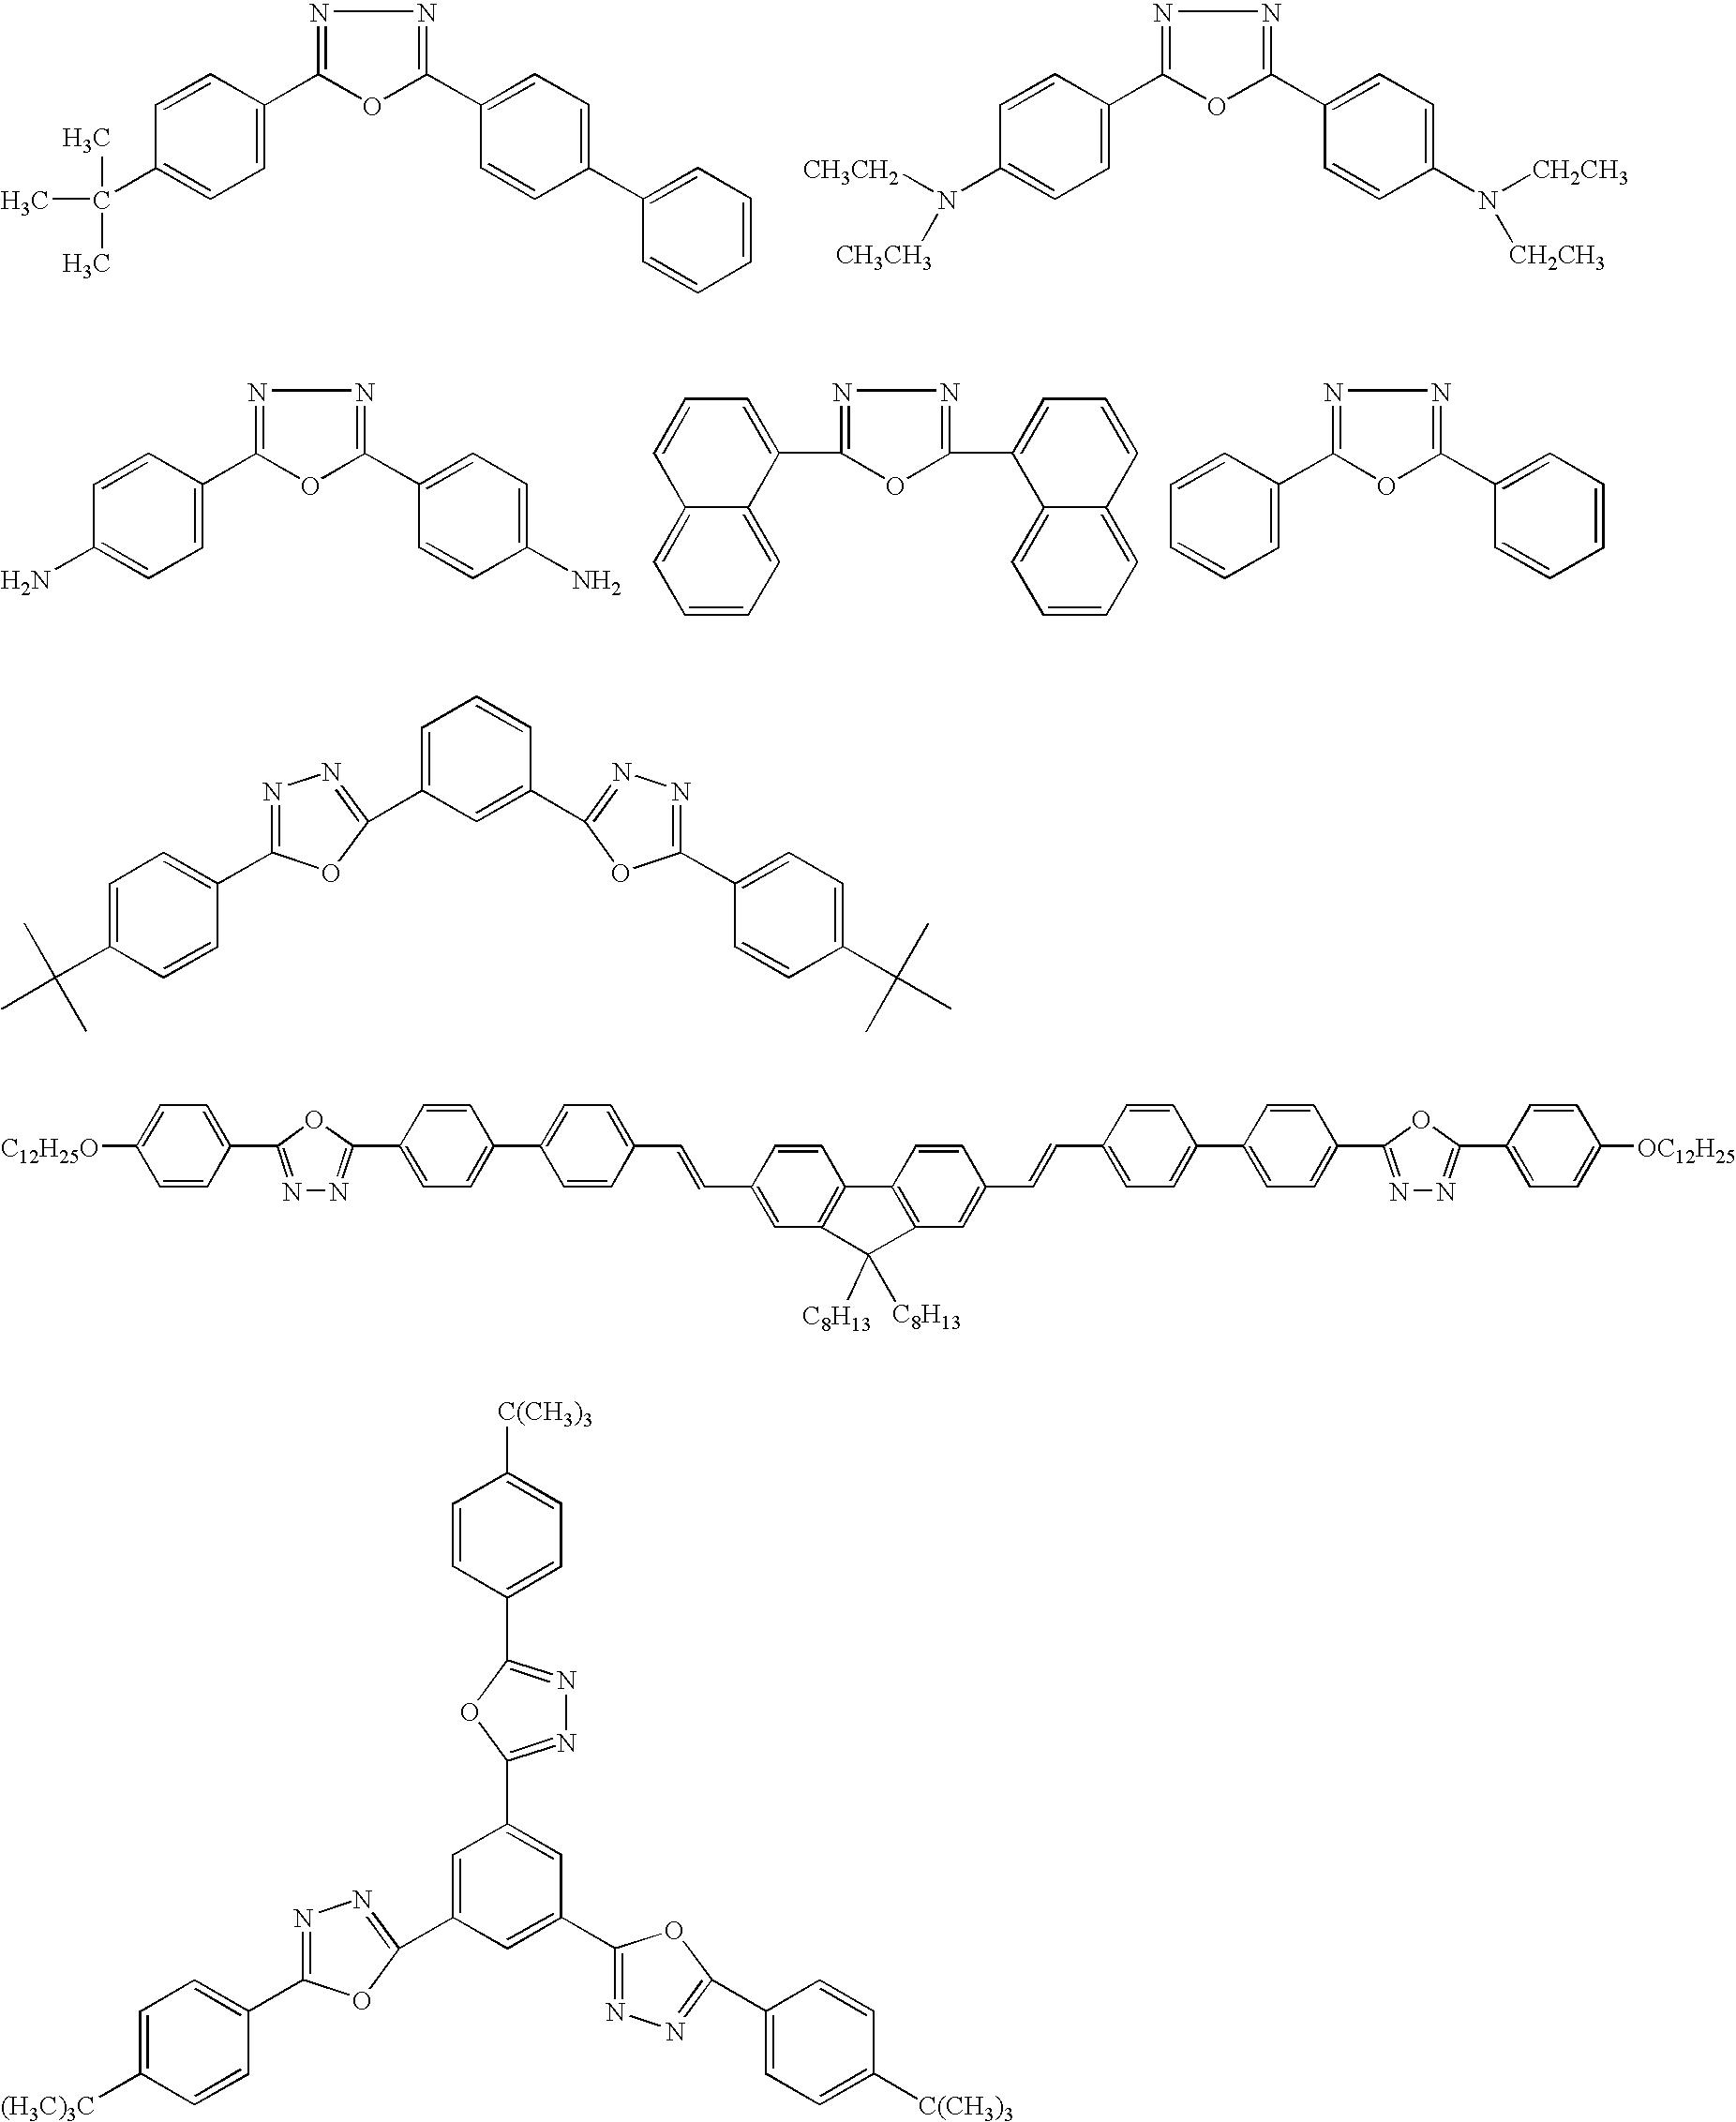 Figure US20090246664A1-20091001-C00023